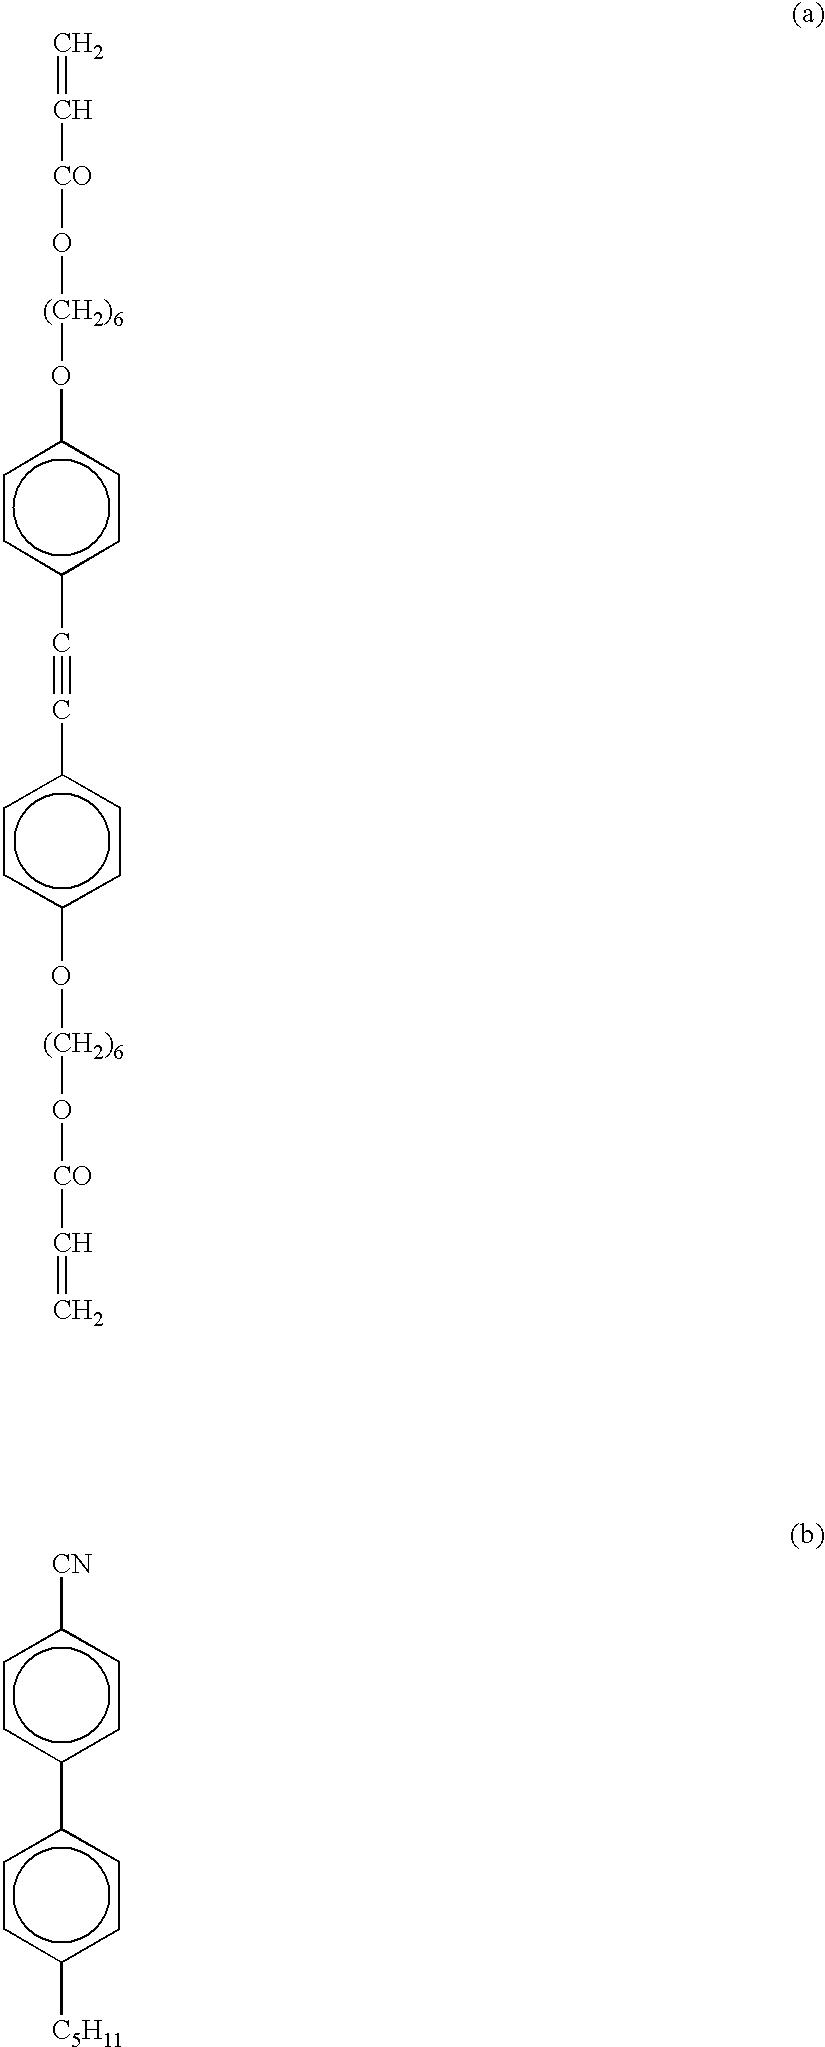 Figure US20030011725A1-20030116-C00031